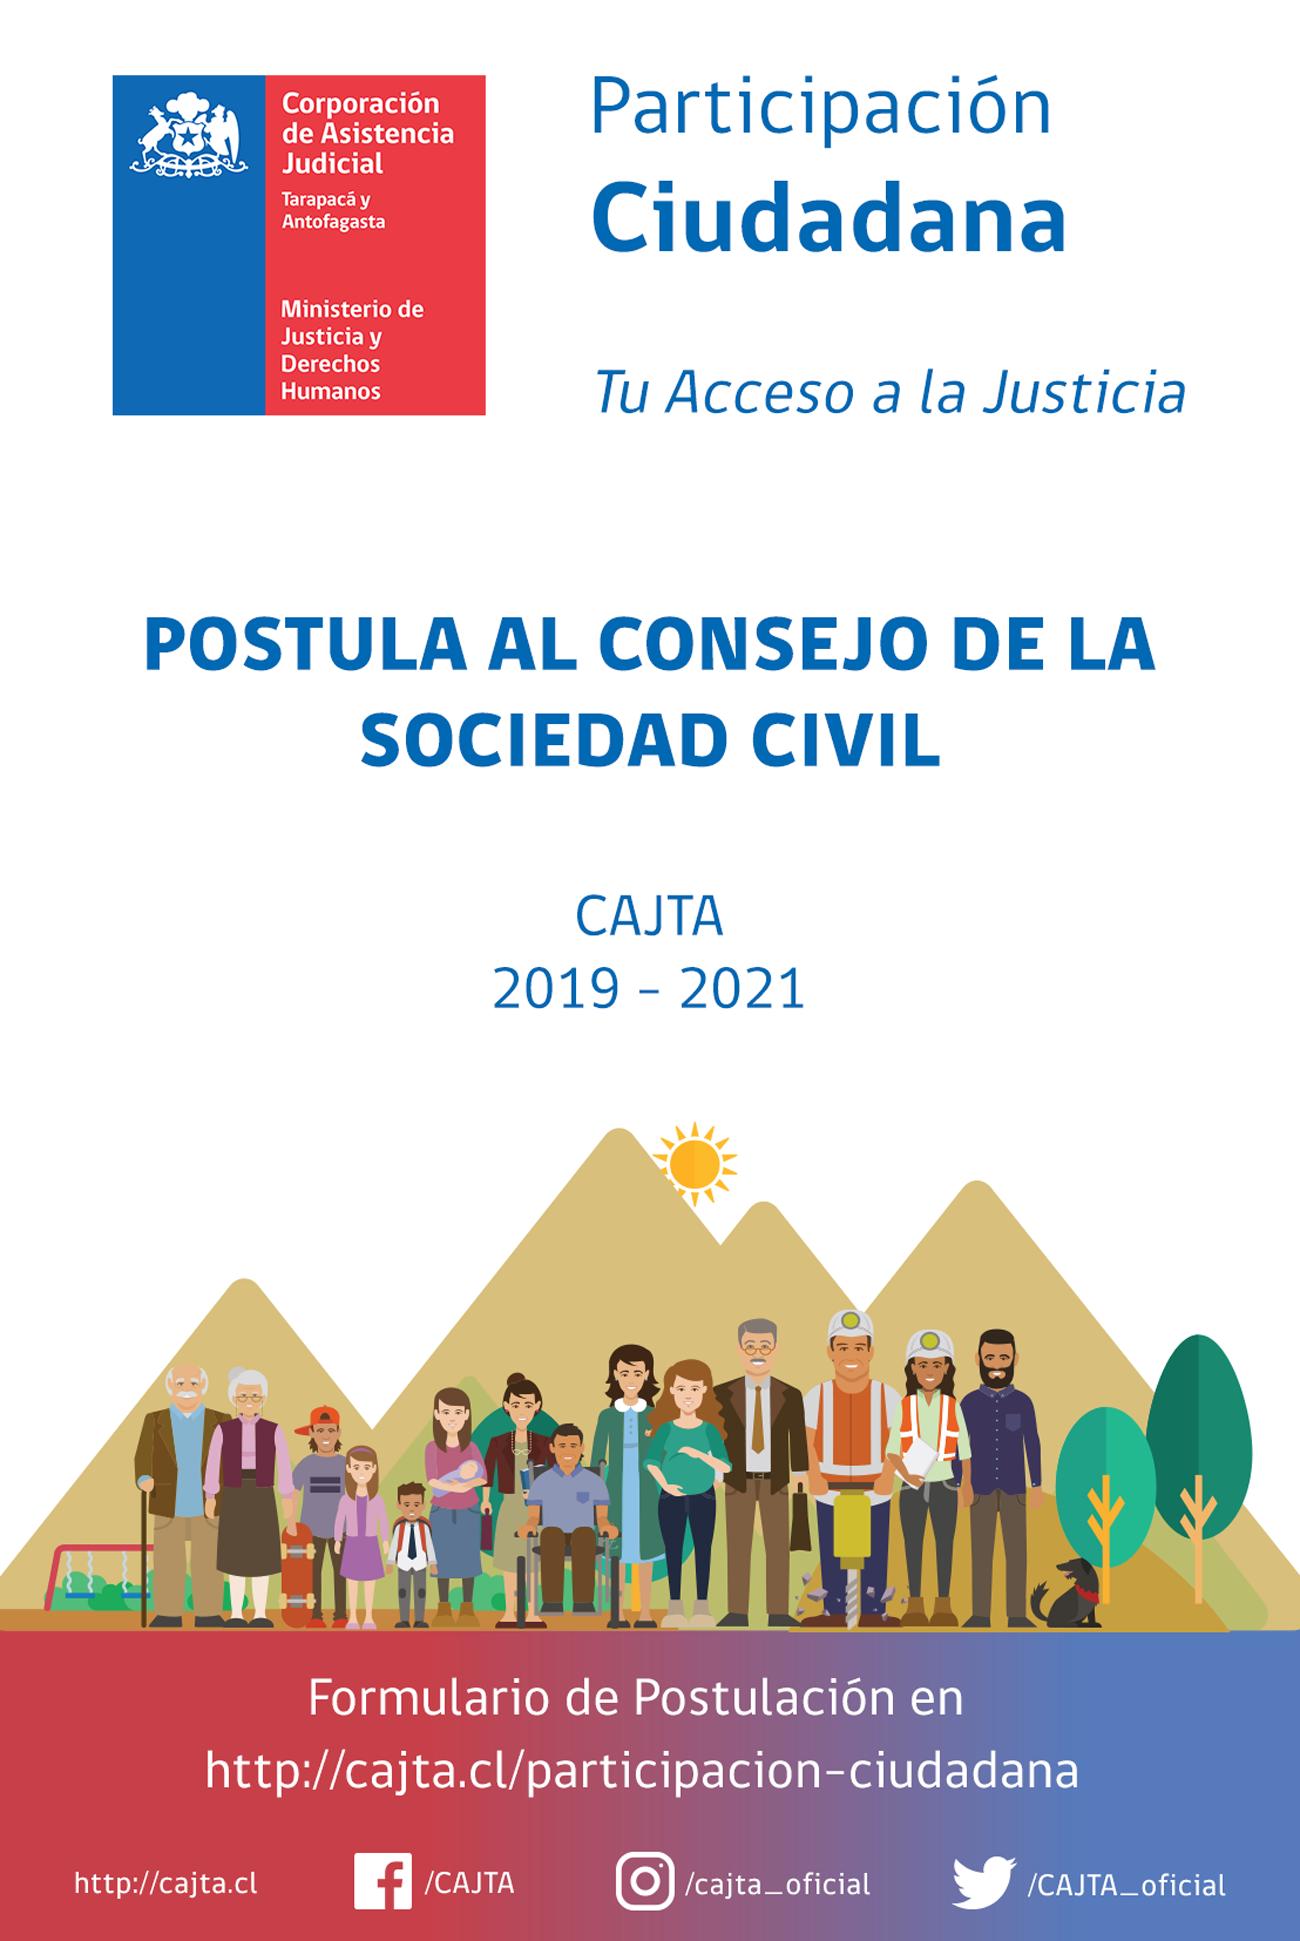 Postulación al Consejo de la Sociedad Civil de la CAJTA